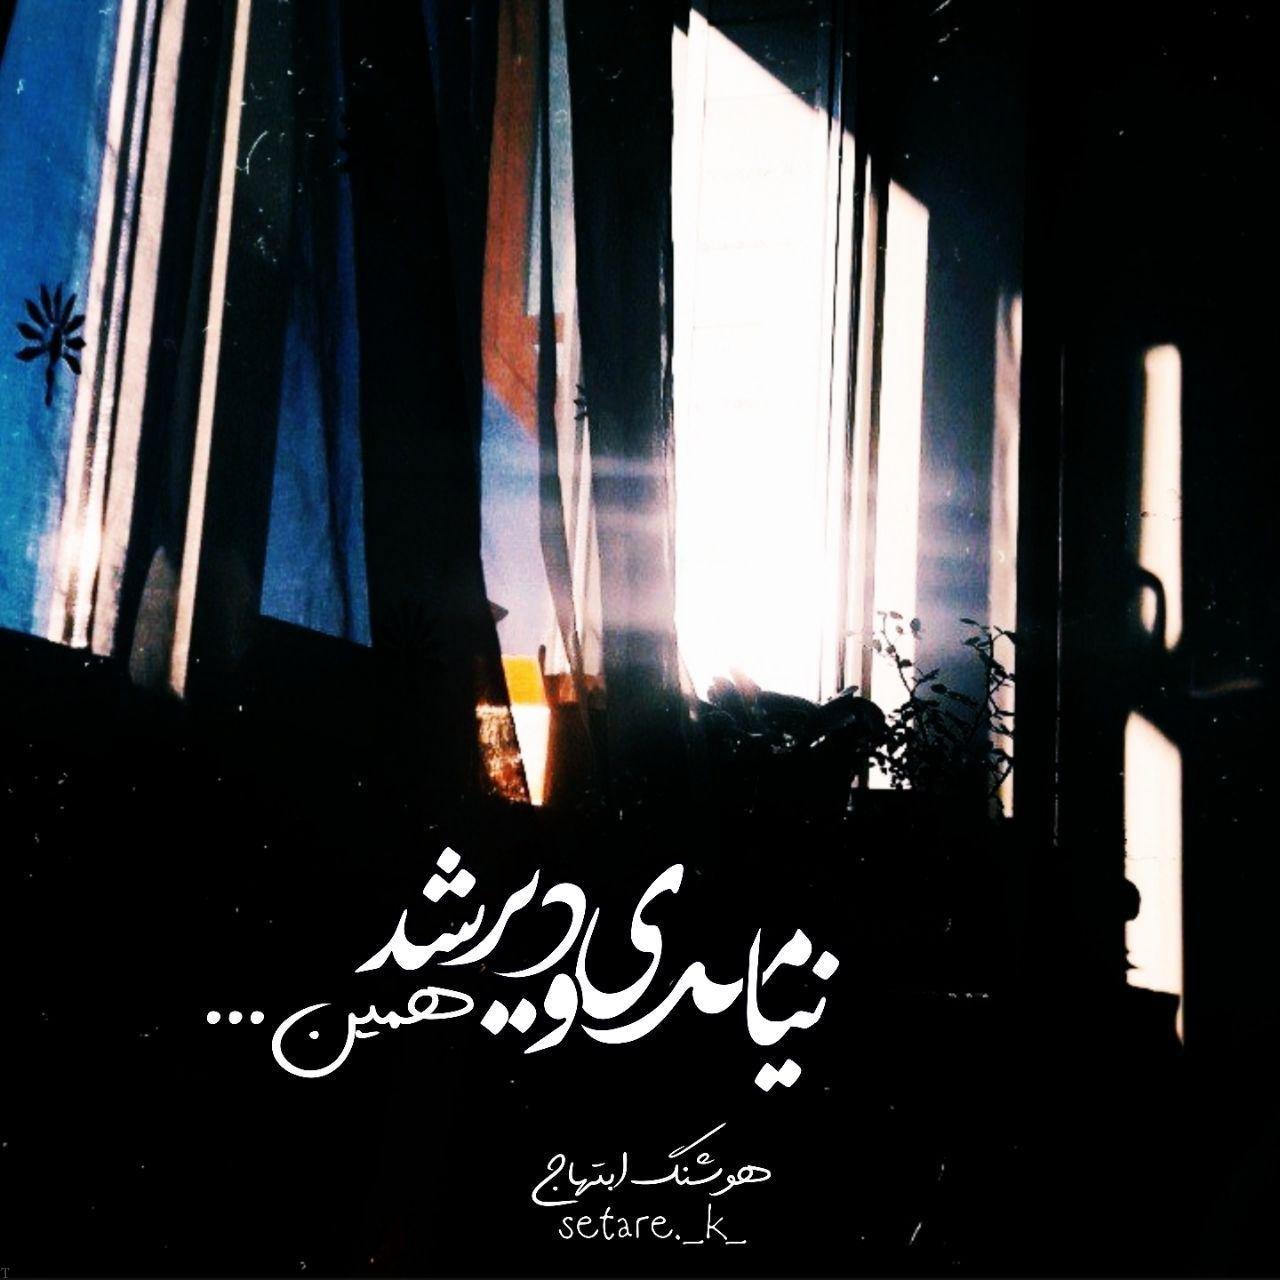 عکس نوشته های عاشقانه زیبا (98)